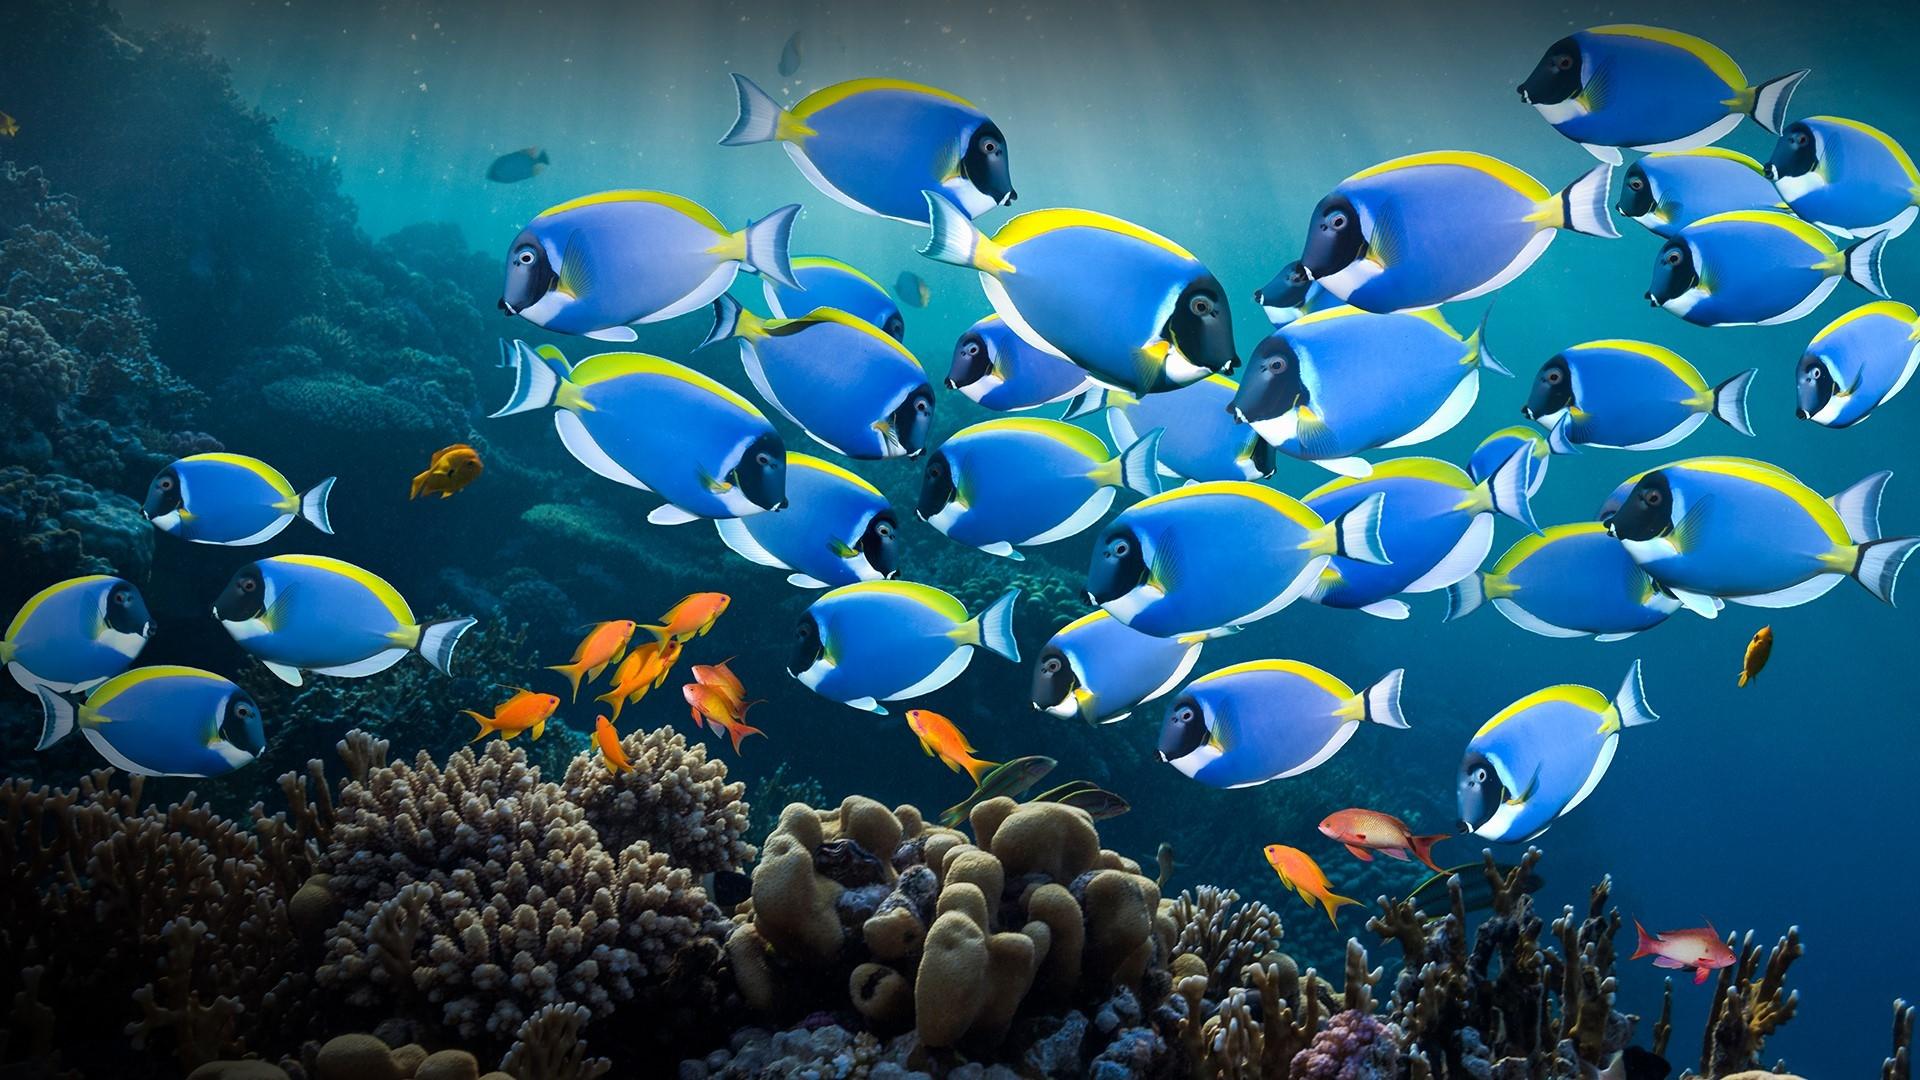 Всемирный день океанов: подборка самых ярких фото - фото №4